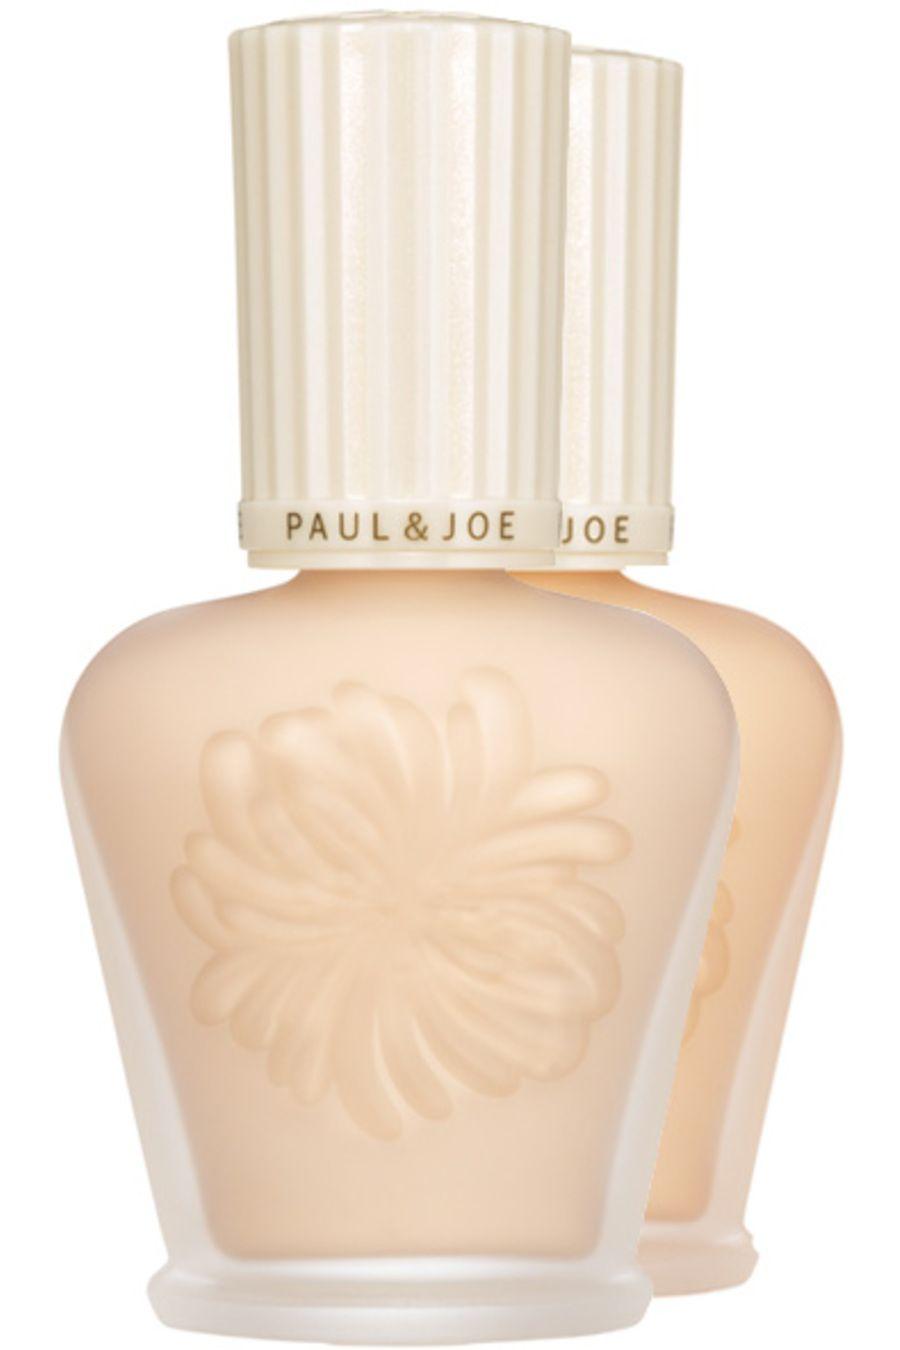 Blissim : Paul & Joe - Base de Maquillage Protectrice - Base de Maquillage Protectrice